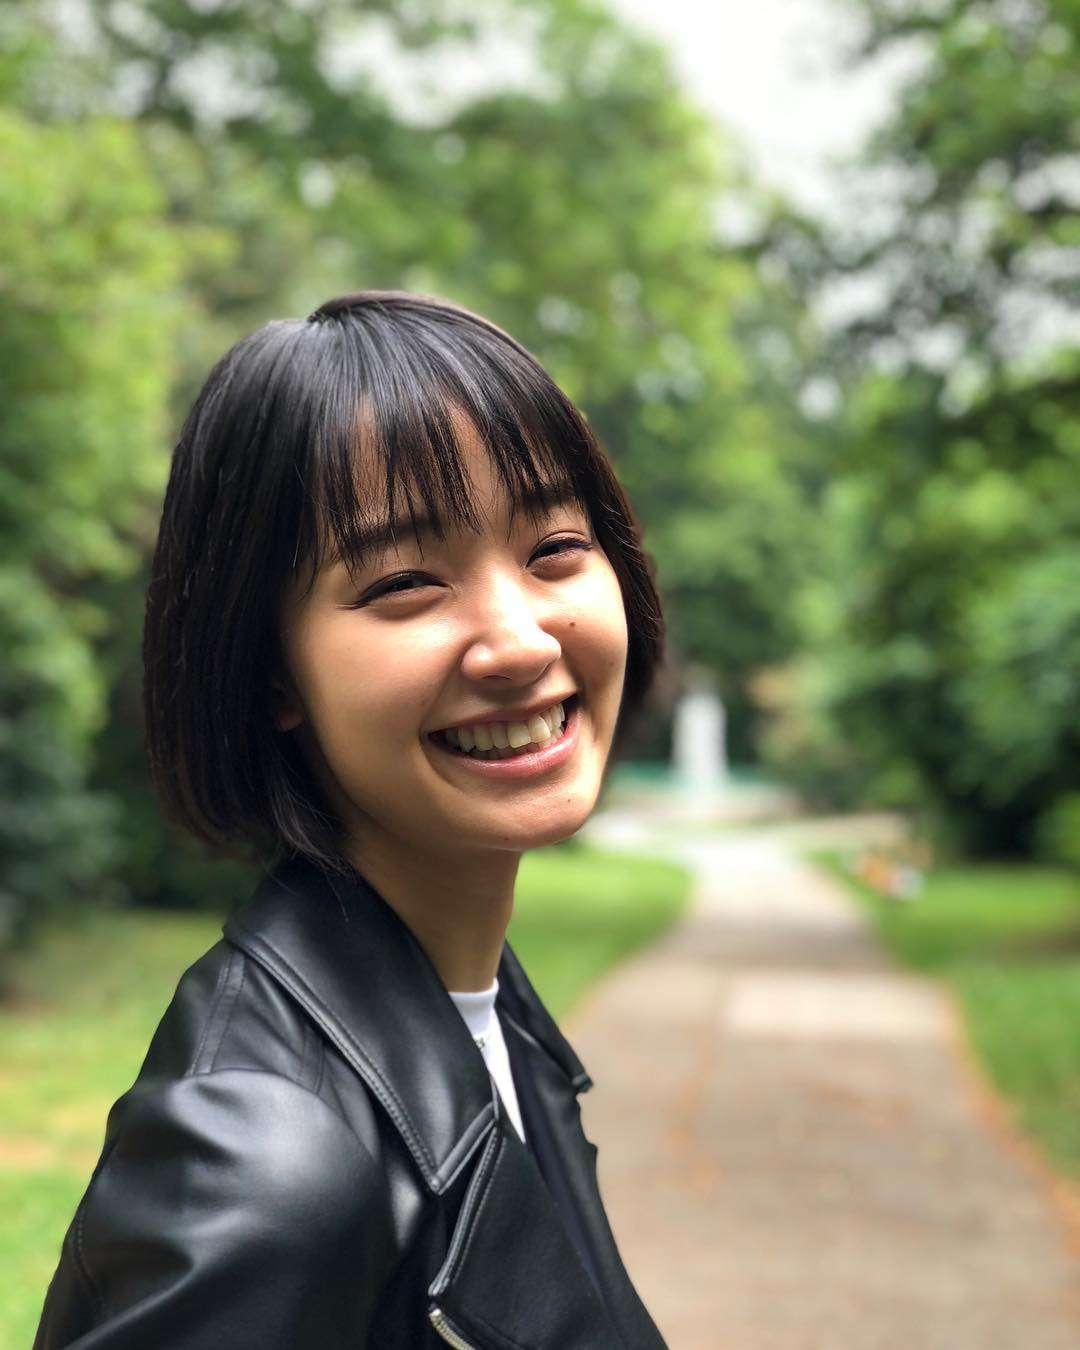 小島瑠璃子、剛力彩芽と交際中の前澤社長ツイートに疑問「なんで20歳上のおじさんがガンガン来るのかな」